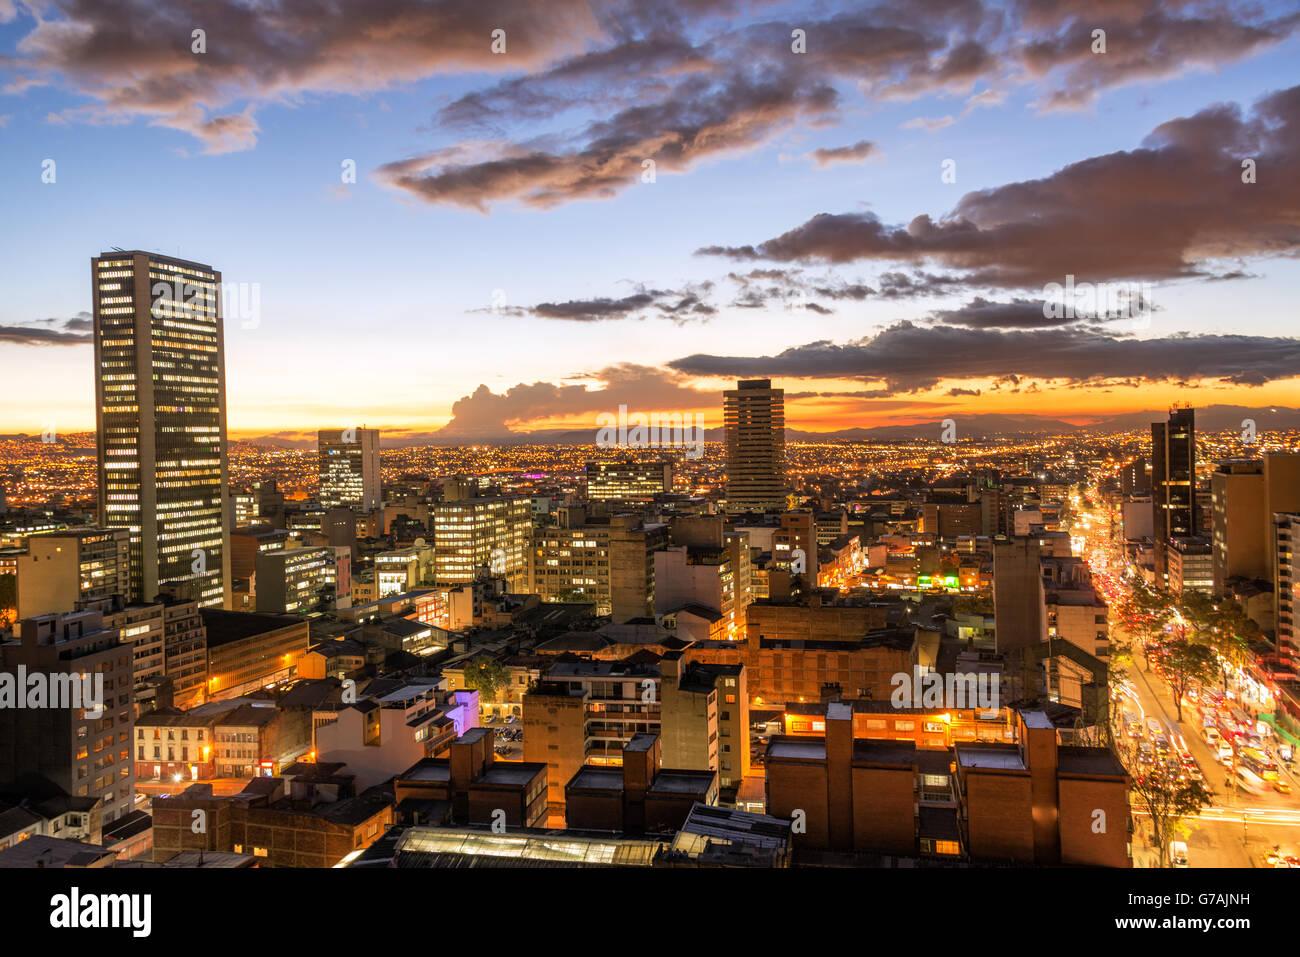 Vue sur le centre-ville de Bogota, Colombie au crépuscule Photo Stock